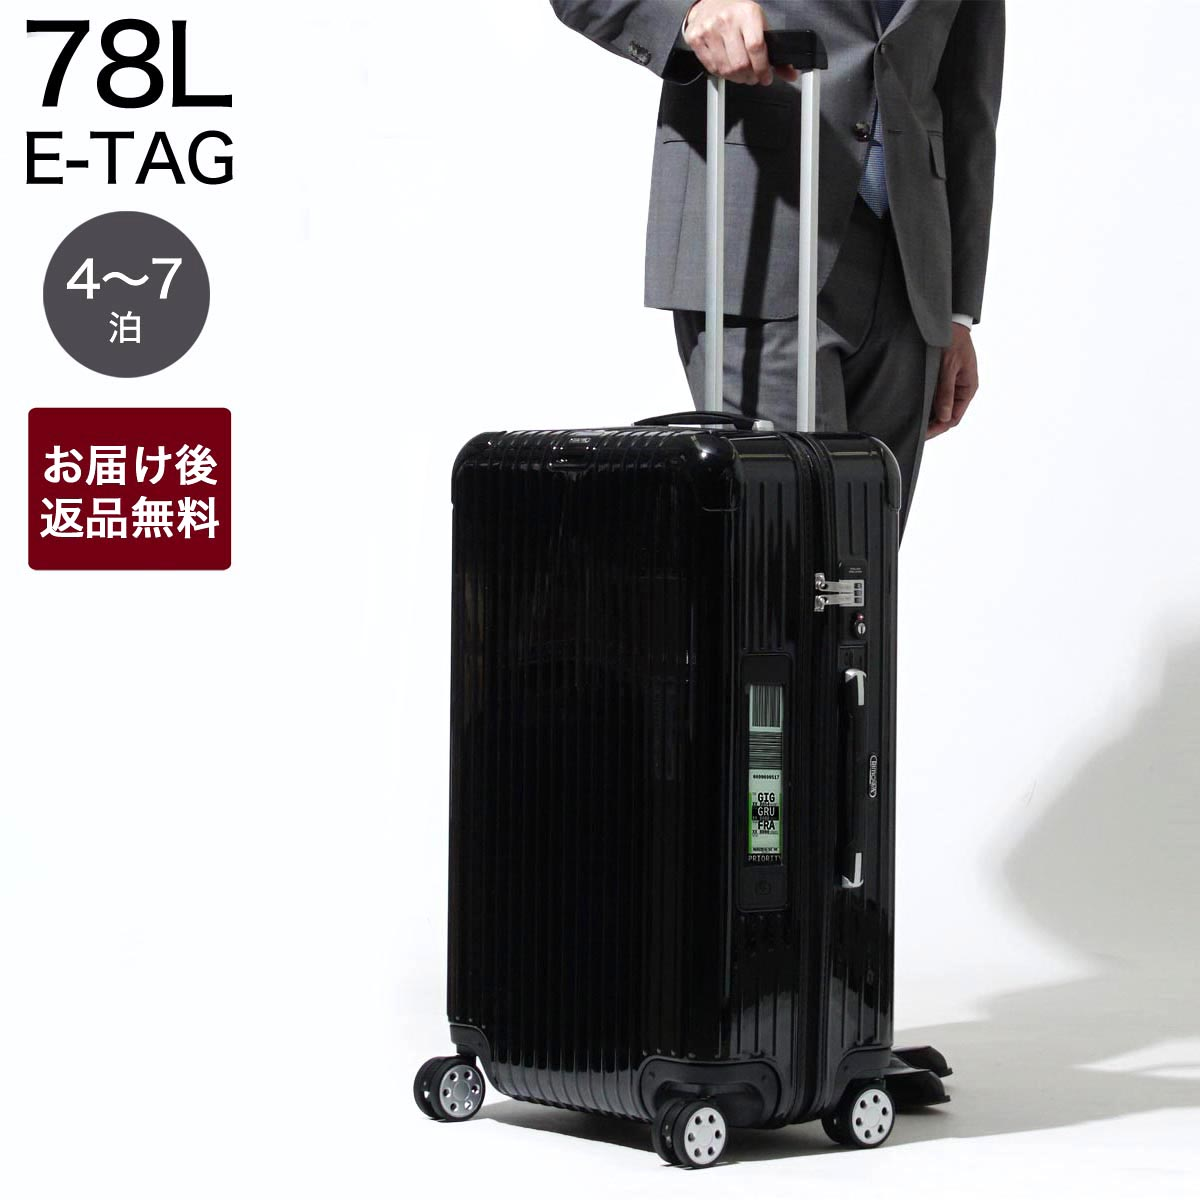 リモワ RIMOWA スーツケース 電子タグ仕様 キャリーケース ブラック メンズ レディース 旅行 出張 トラベル おしゃれ デザイン 大容量 831.70.50.5 SALSA DELUXE 70 E-TAG MULTIWHEEL サルサデラックス 77.5L【あす楽対応_関東】